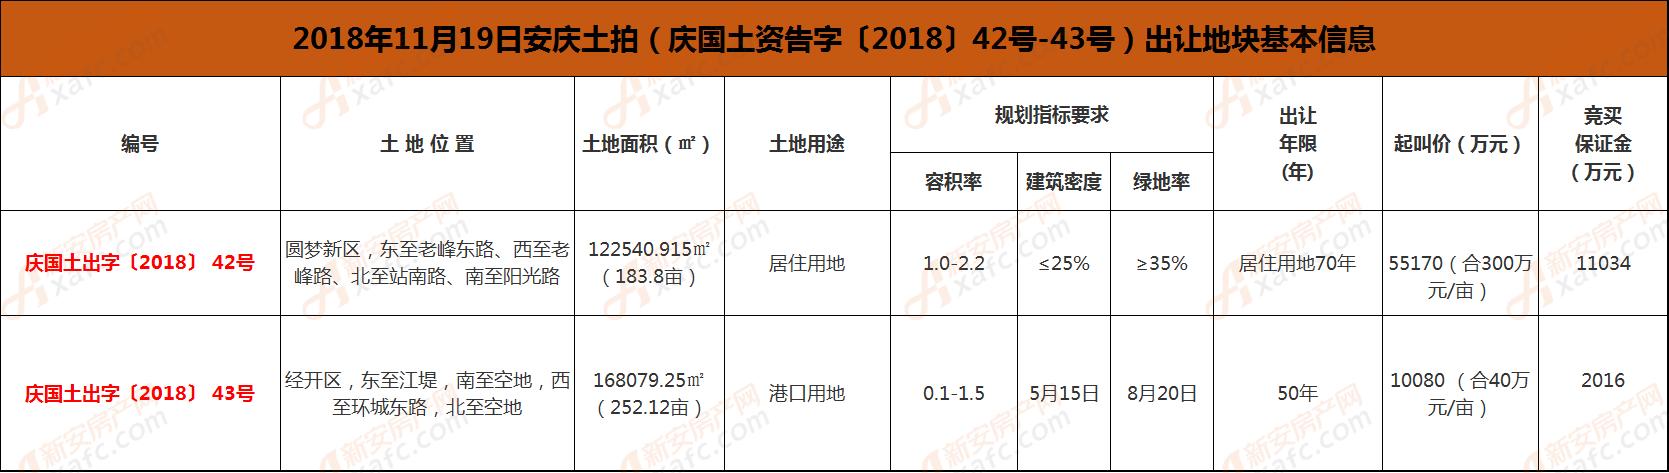 2018年11月19日安庆土拍(庆国土资告字〔2018〕42号-43号)出让地块基本信息.png